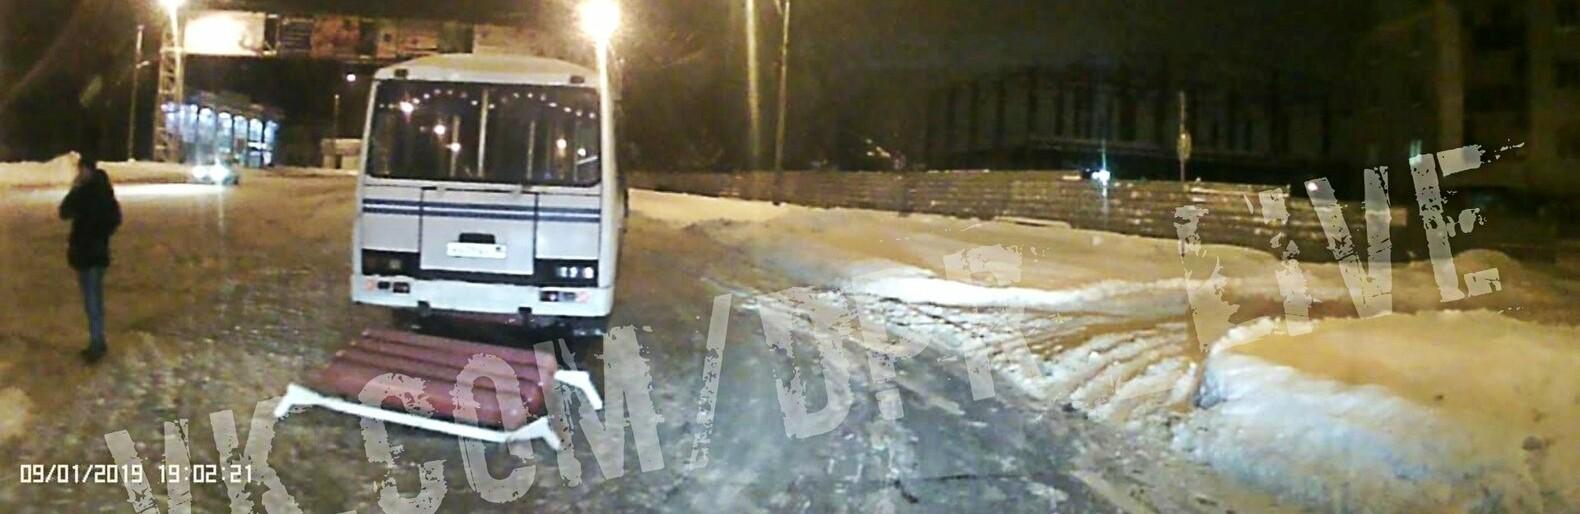 НаемникиРФ обстреляли беспилотник ОБСЕ около  Попасной